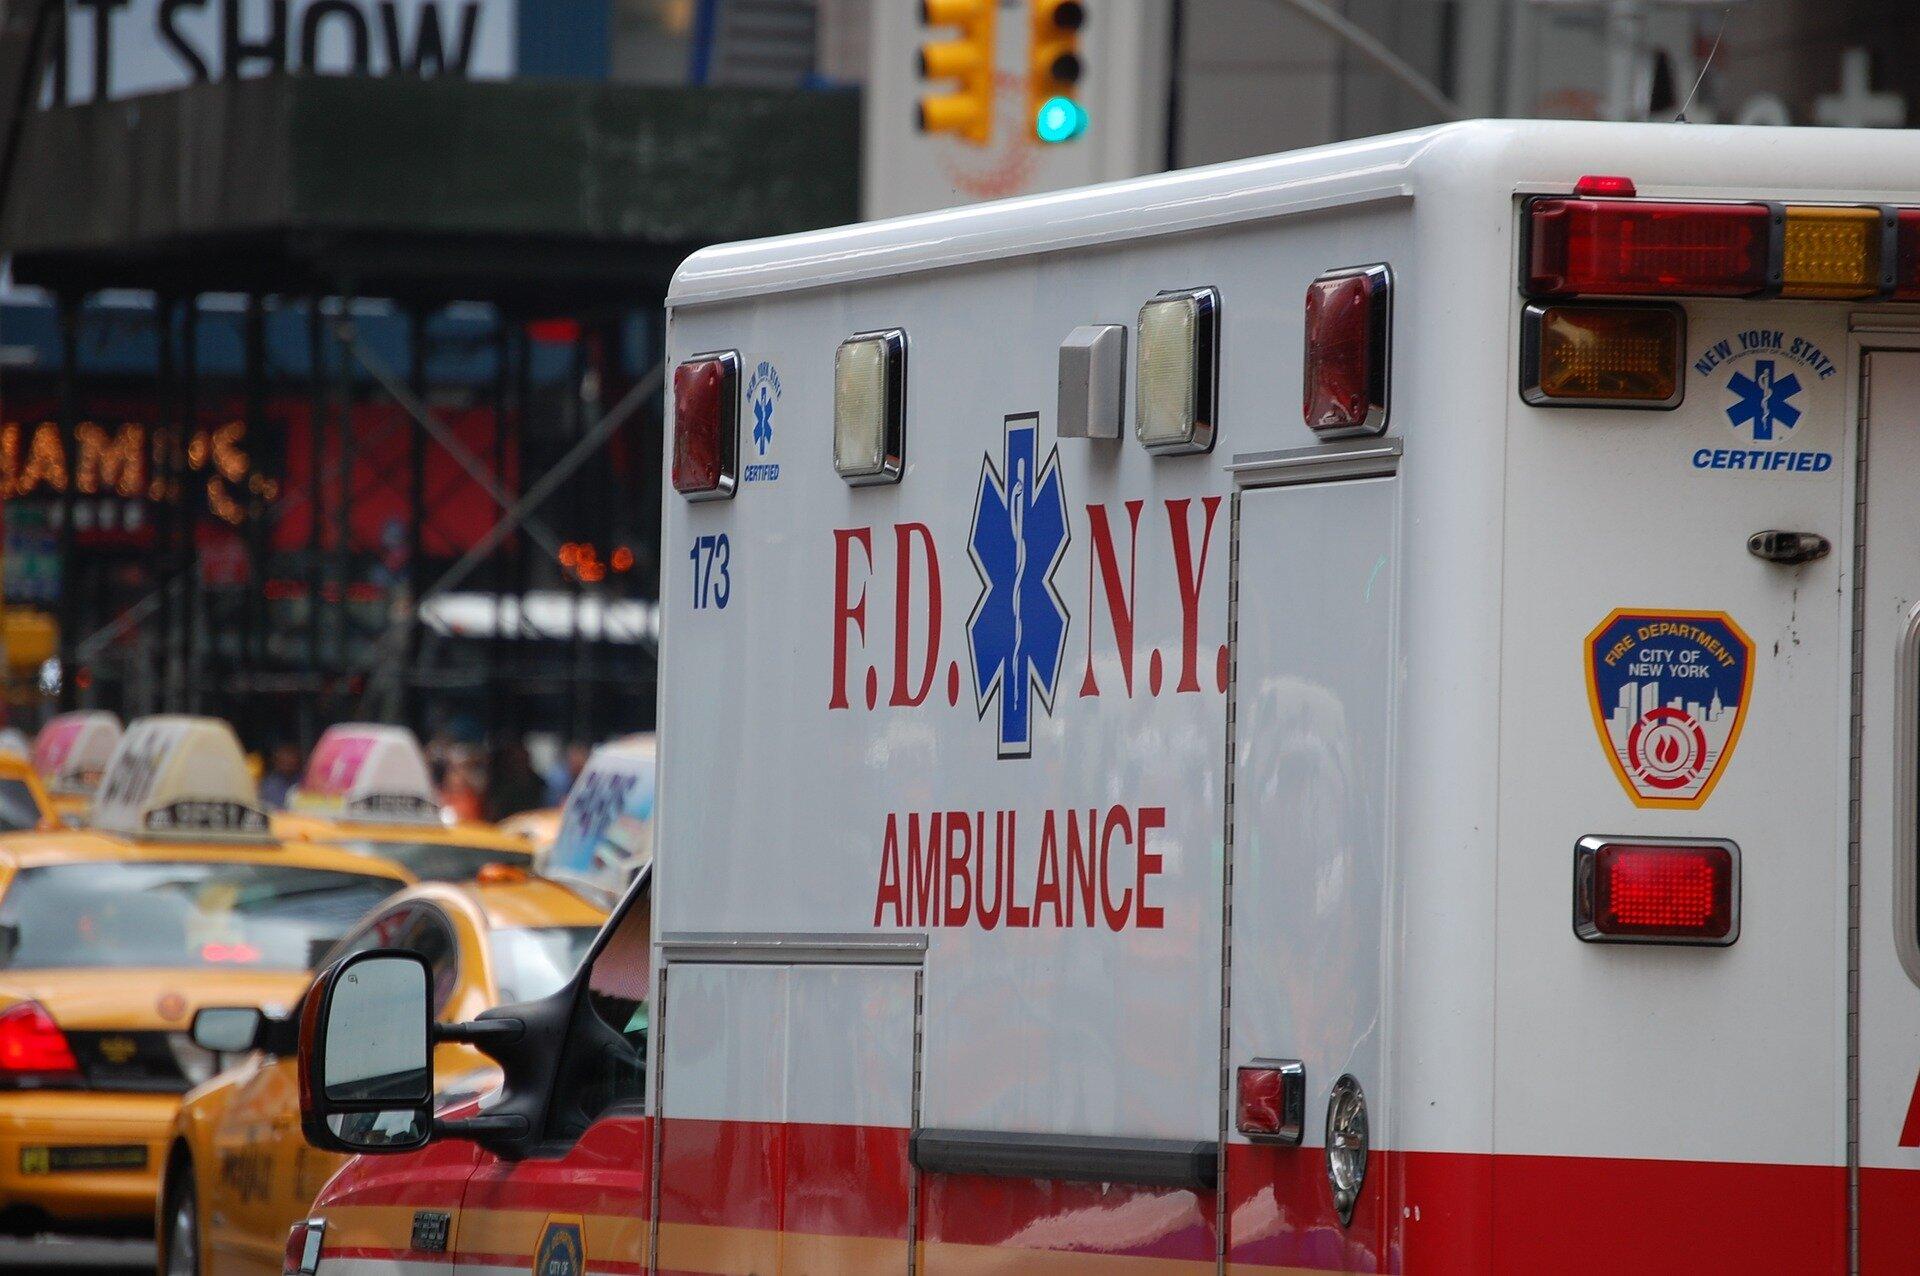 Krankenhäuser können umleiten Krankenwagen zu vermeiden, die Behandlung von bestimmten Patienten